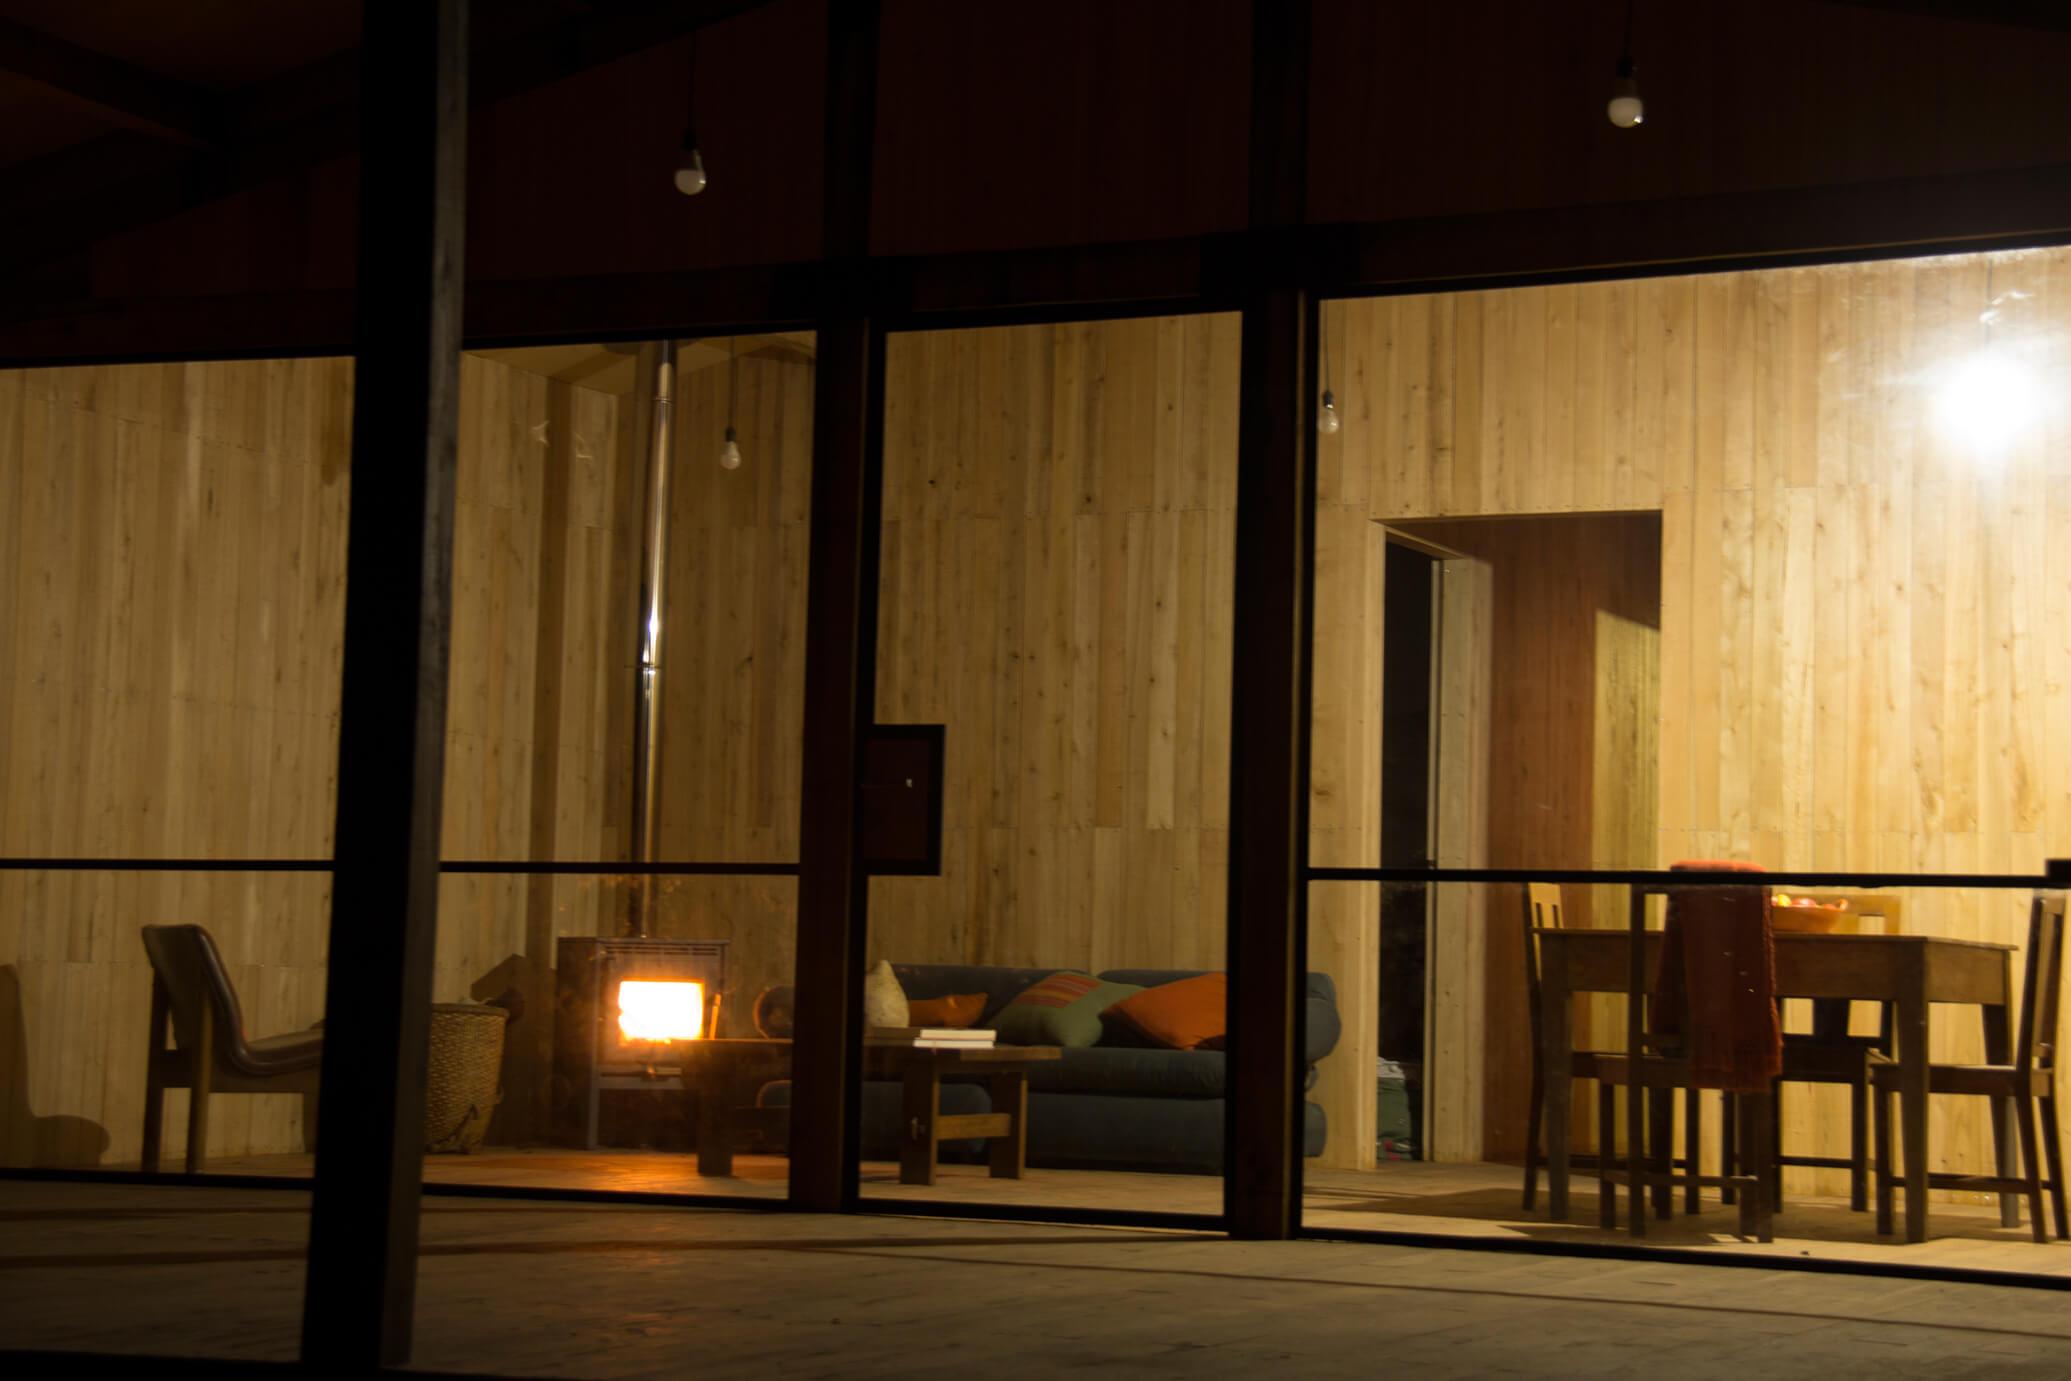 KUNUK Casa oca arquitecto Jorge Ramos Giacometti